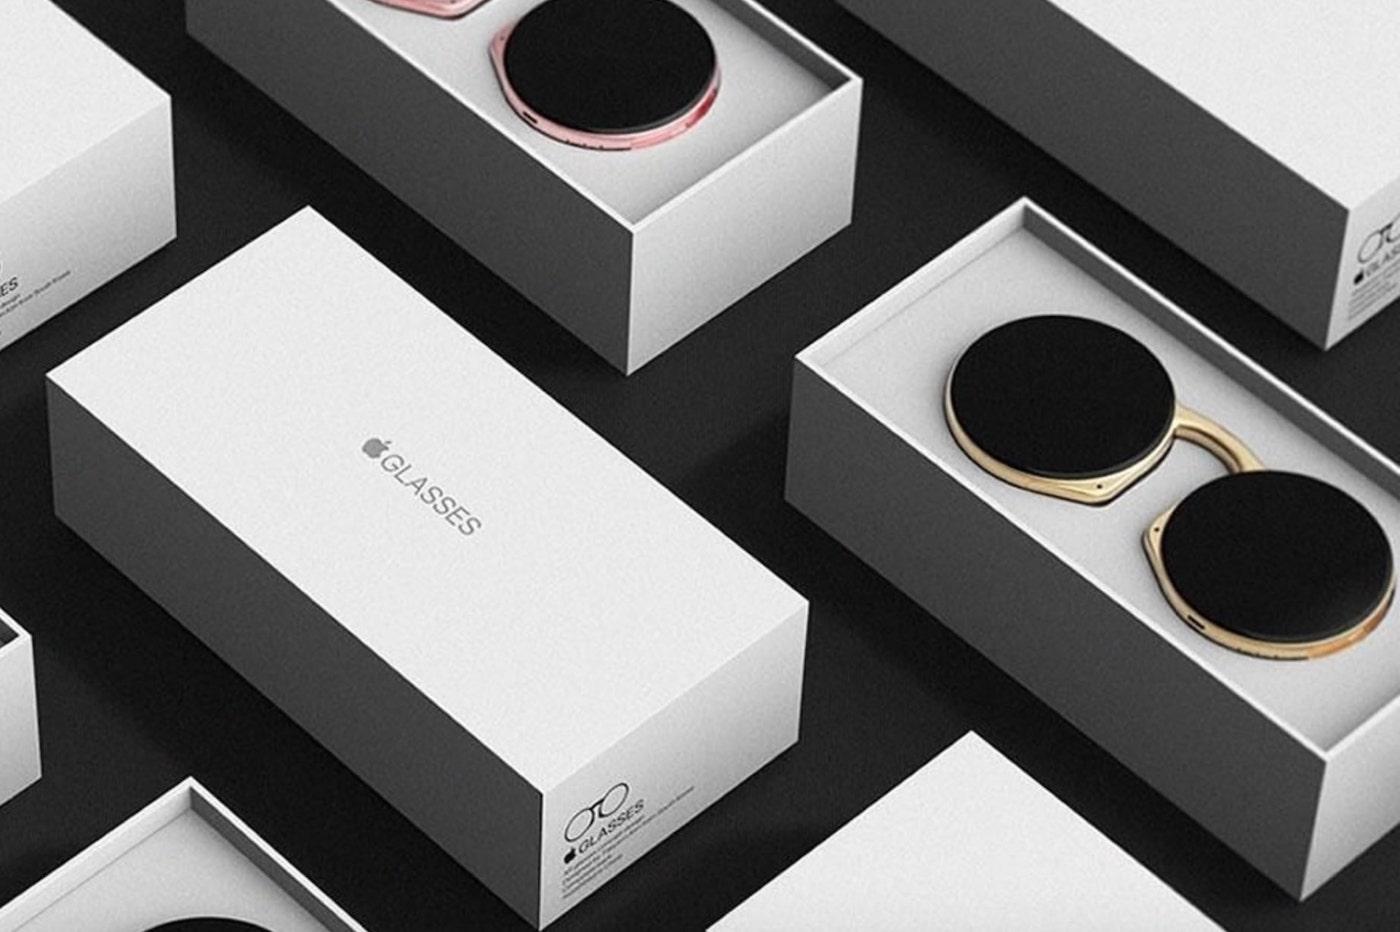 La prochaine nouveauté produit Apple semble se préciser